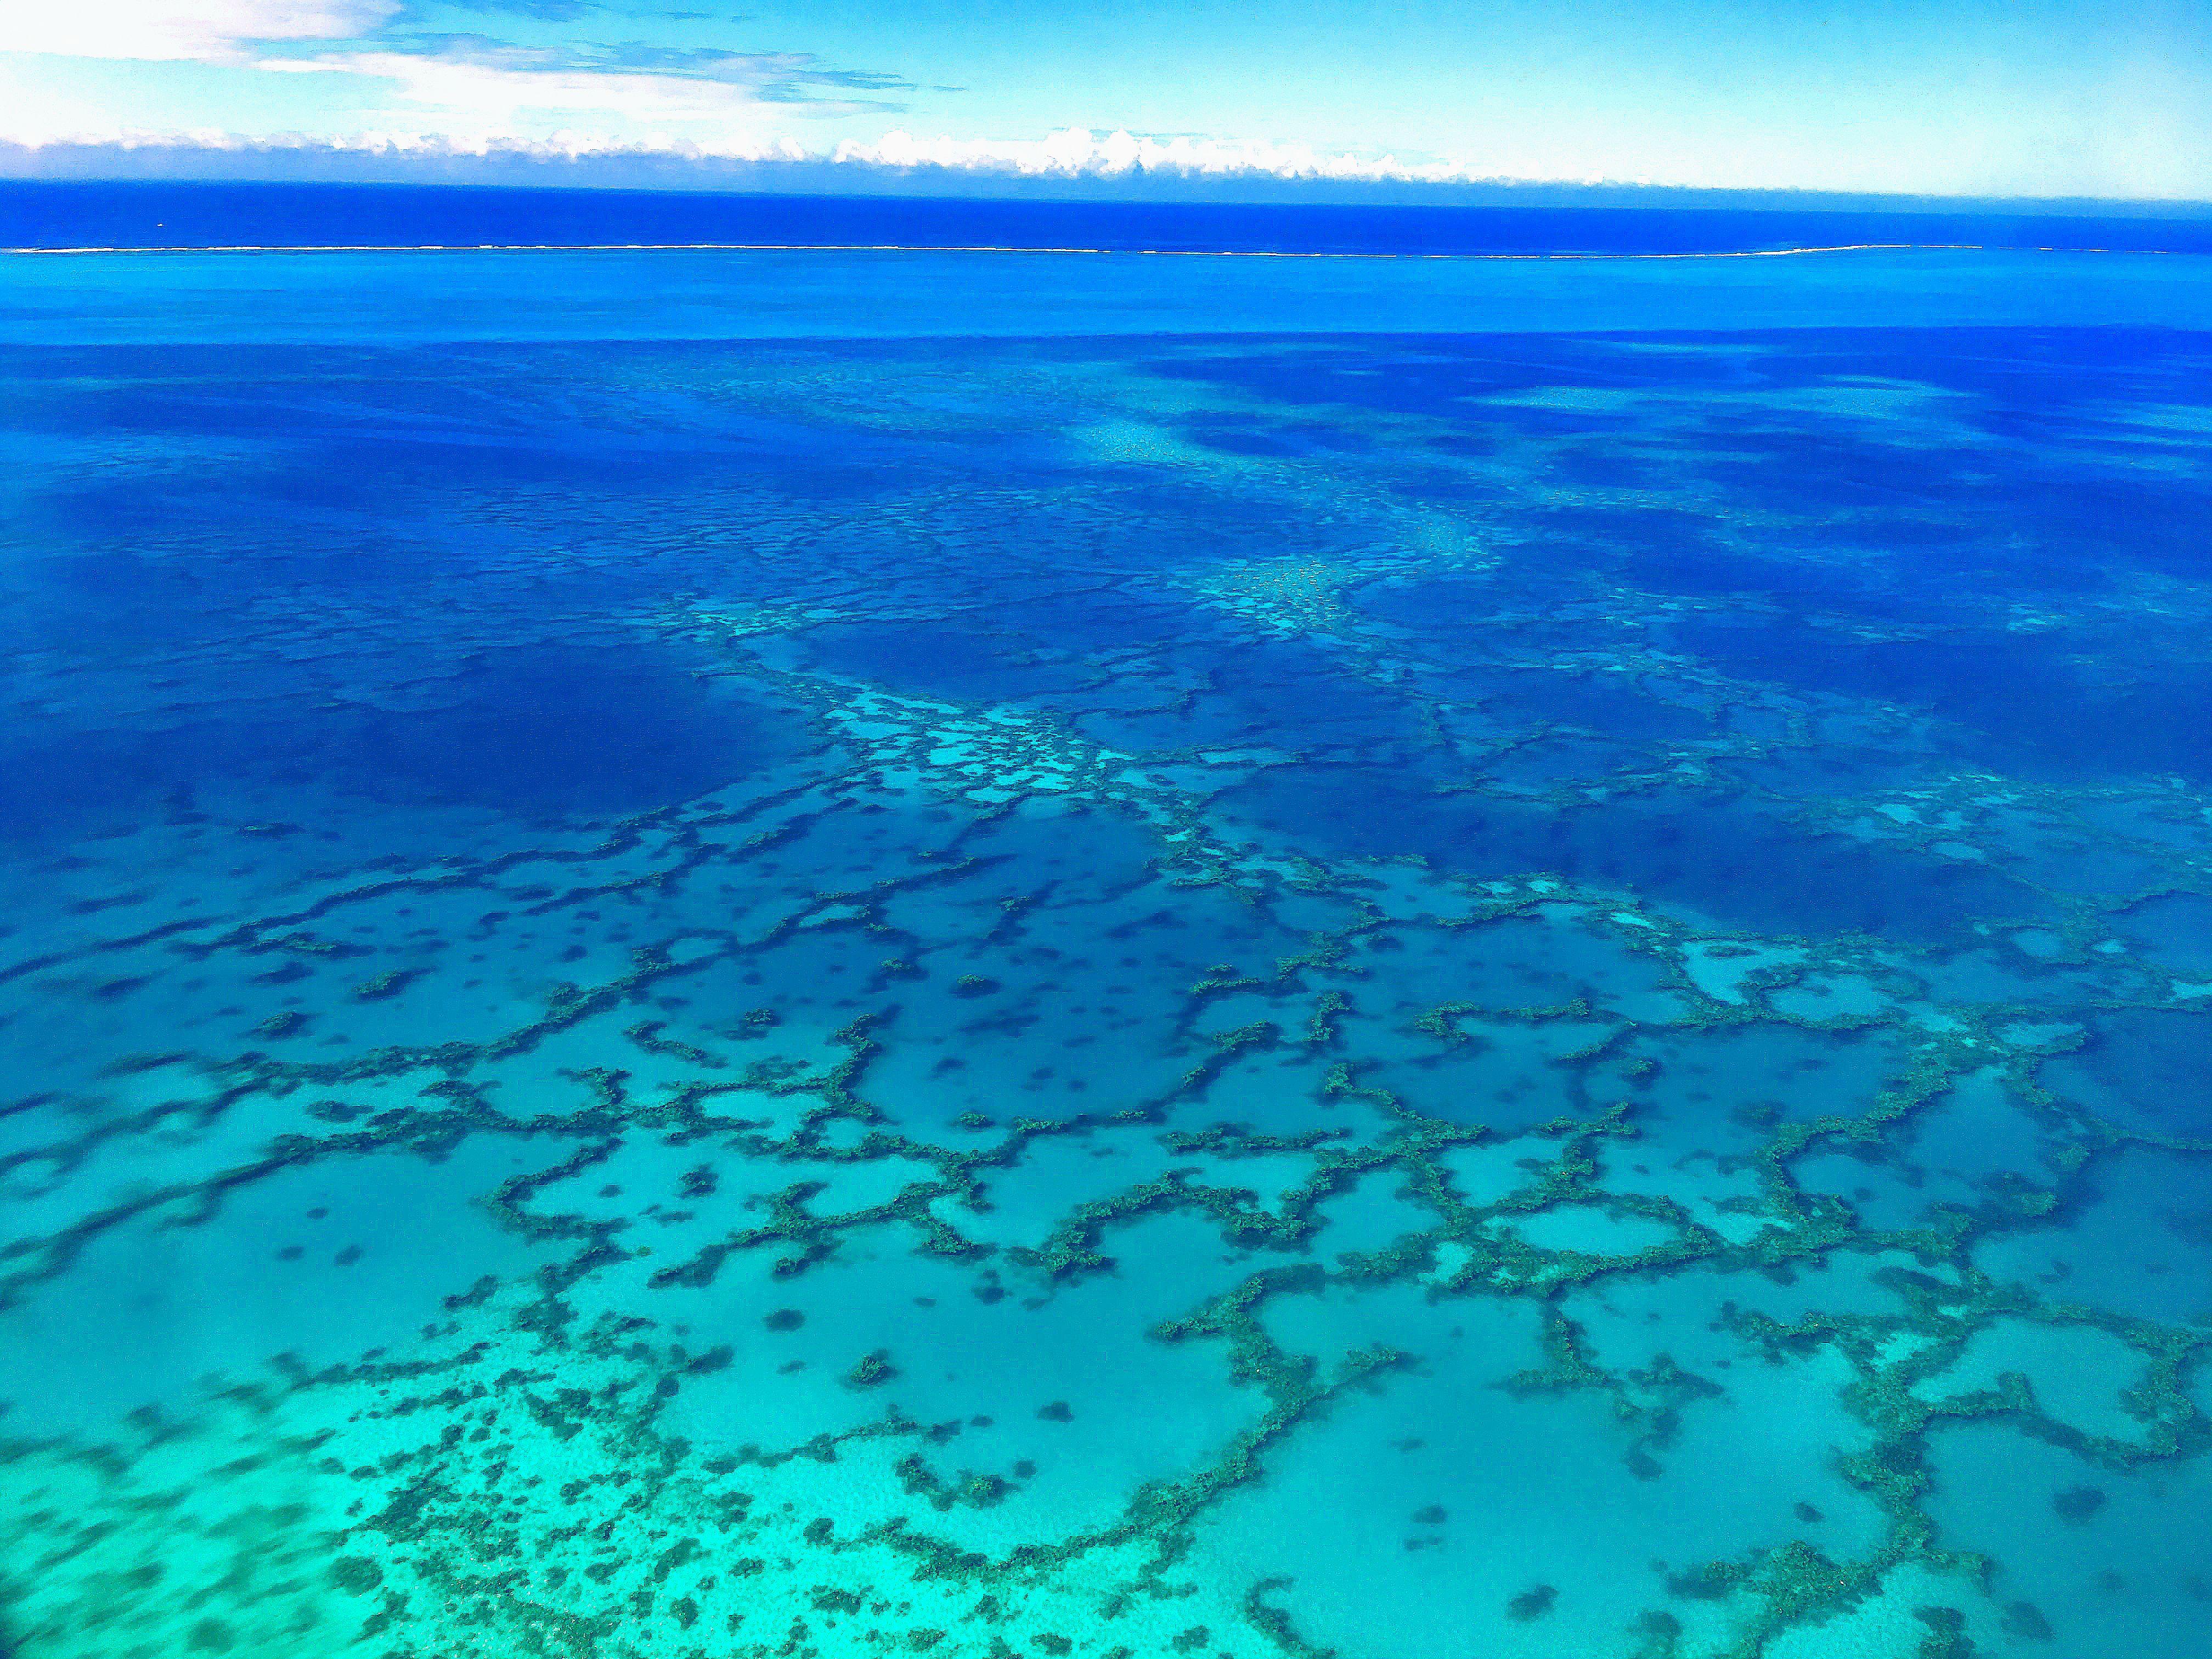 Les images et les vidéos permettront de valoriser la biodiversité du lagon. Photo A.T.